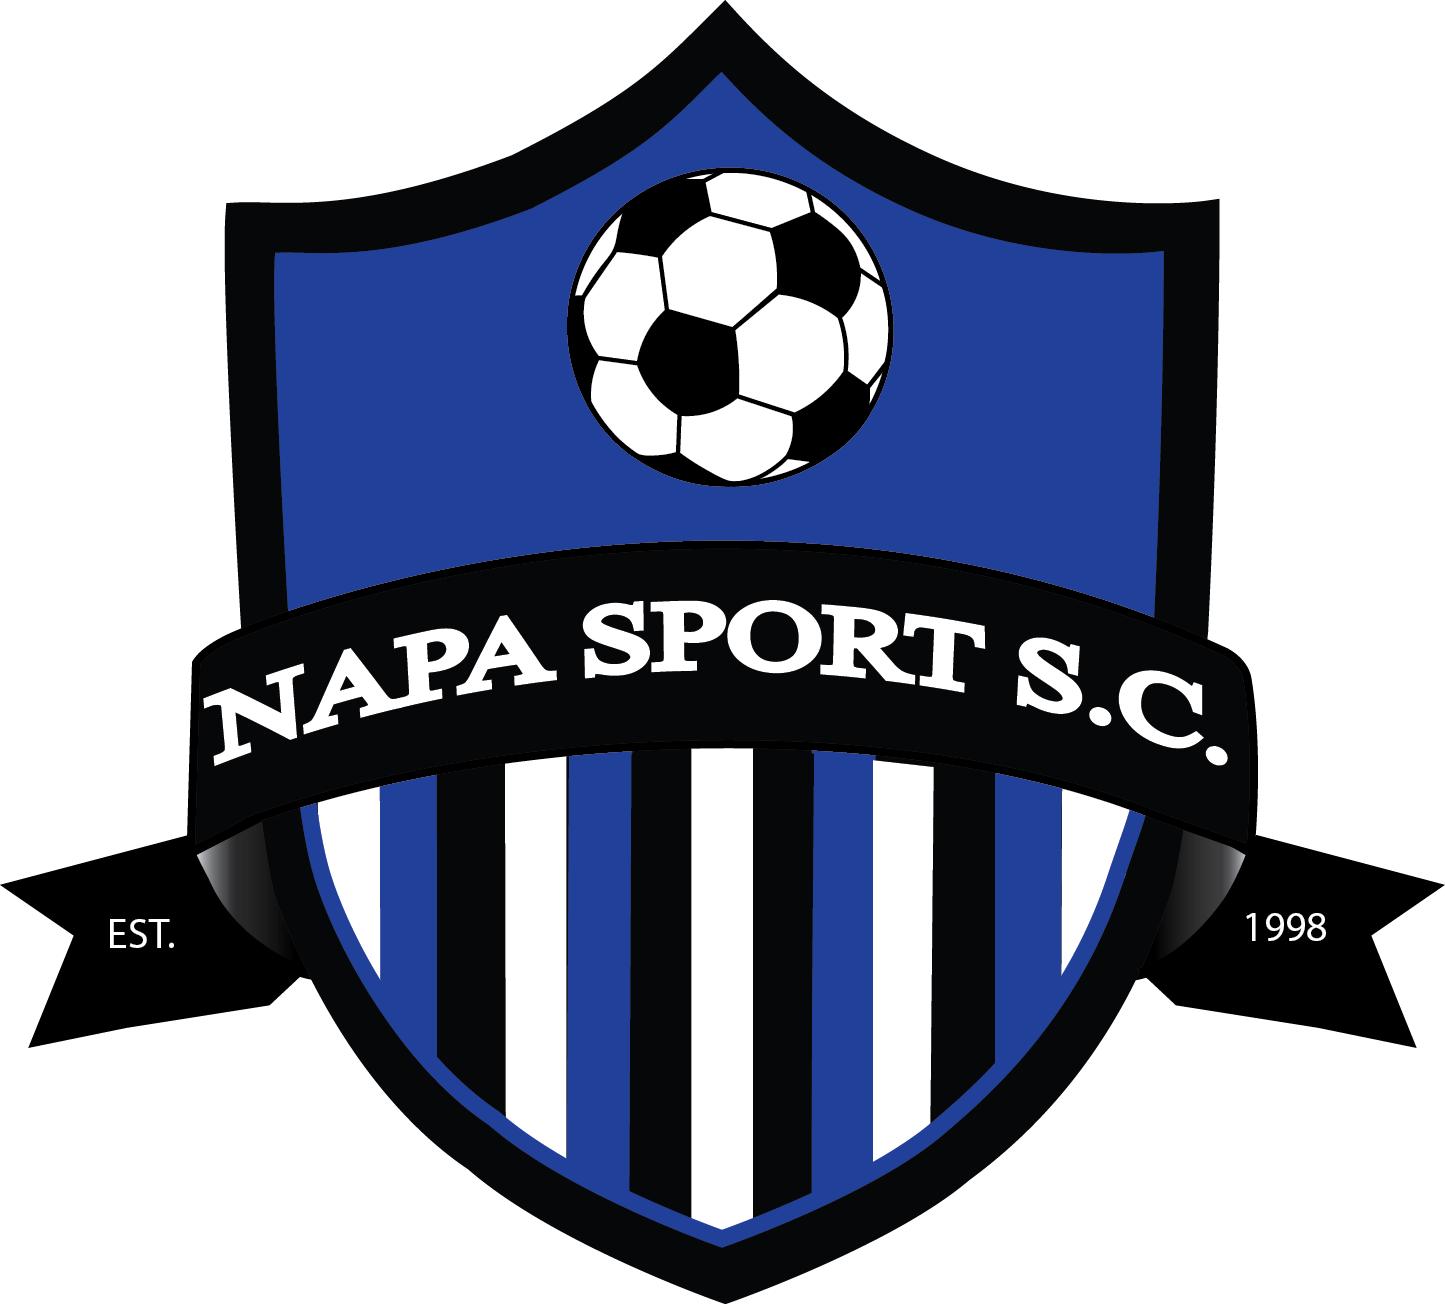 Napa Sport SC Logo.-5-7-2017-web.png